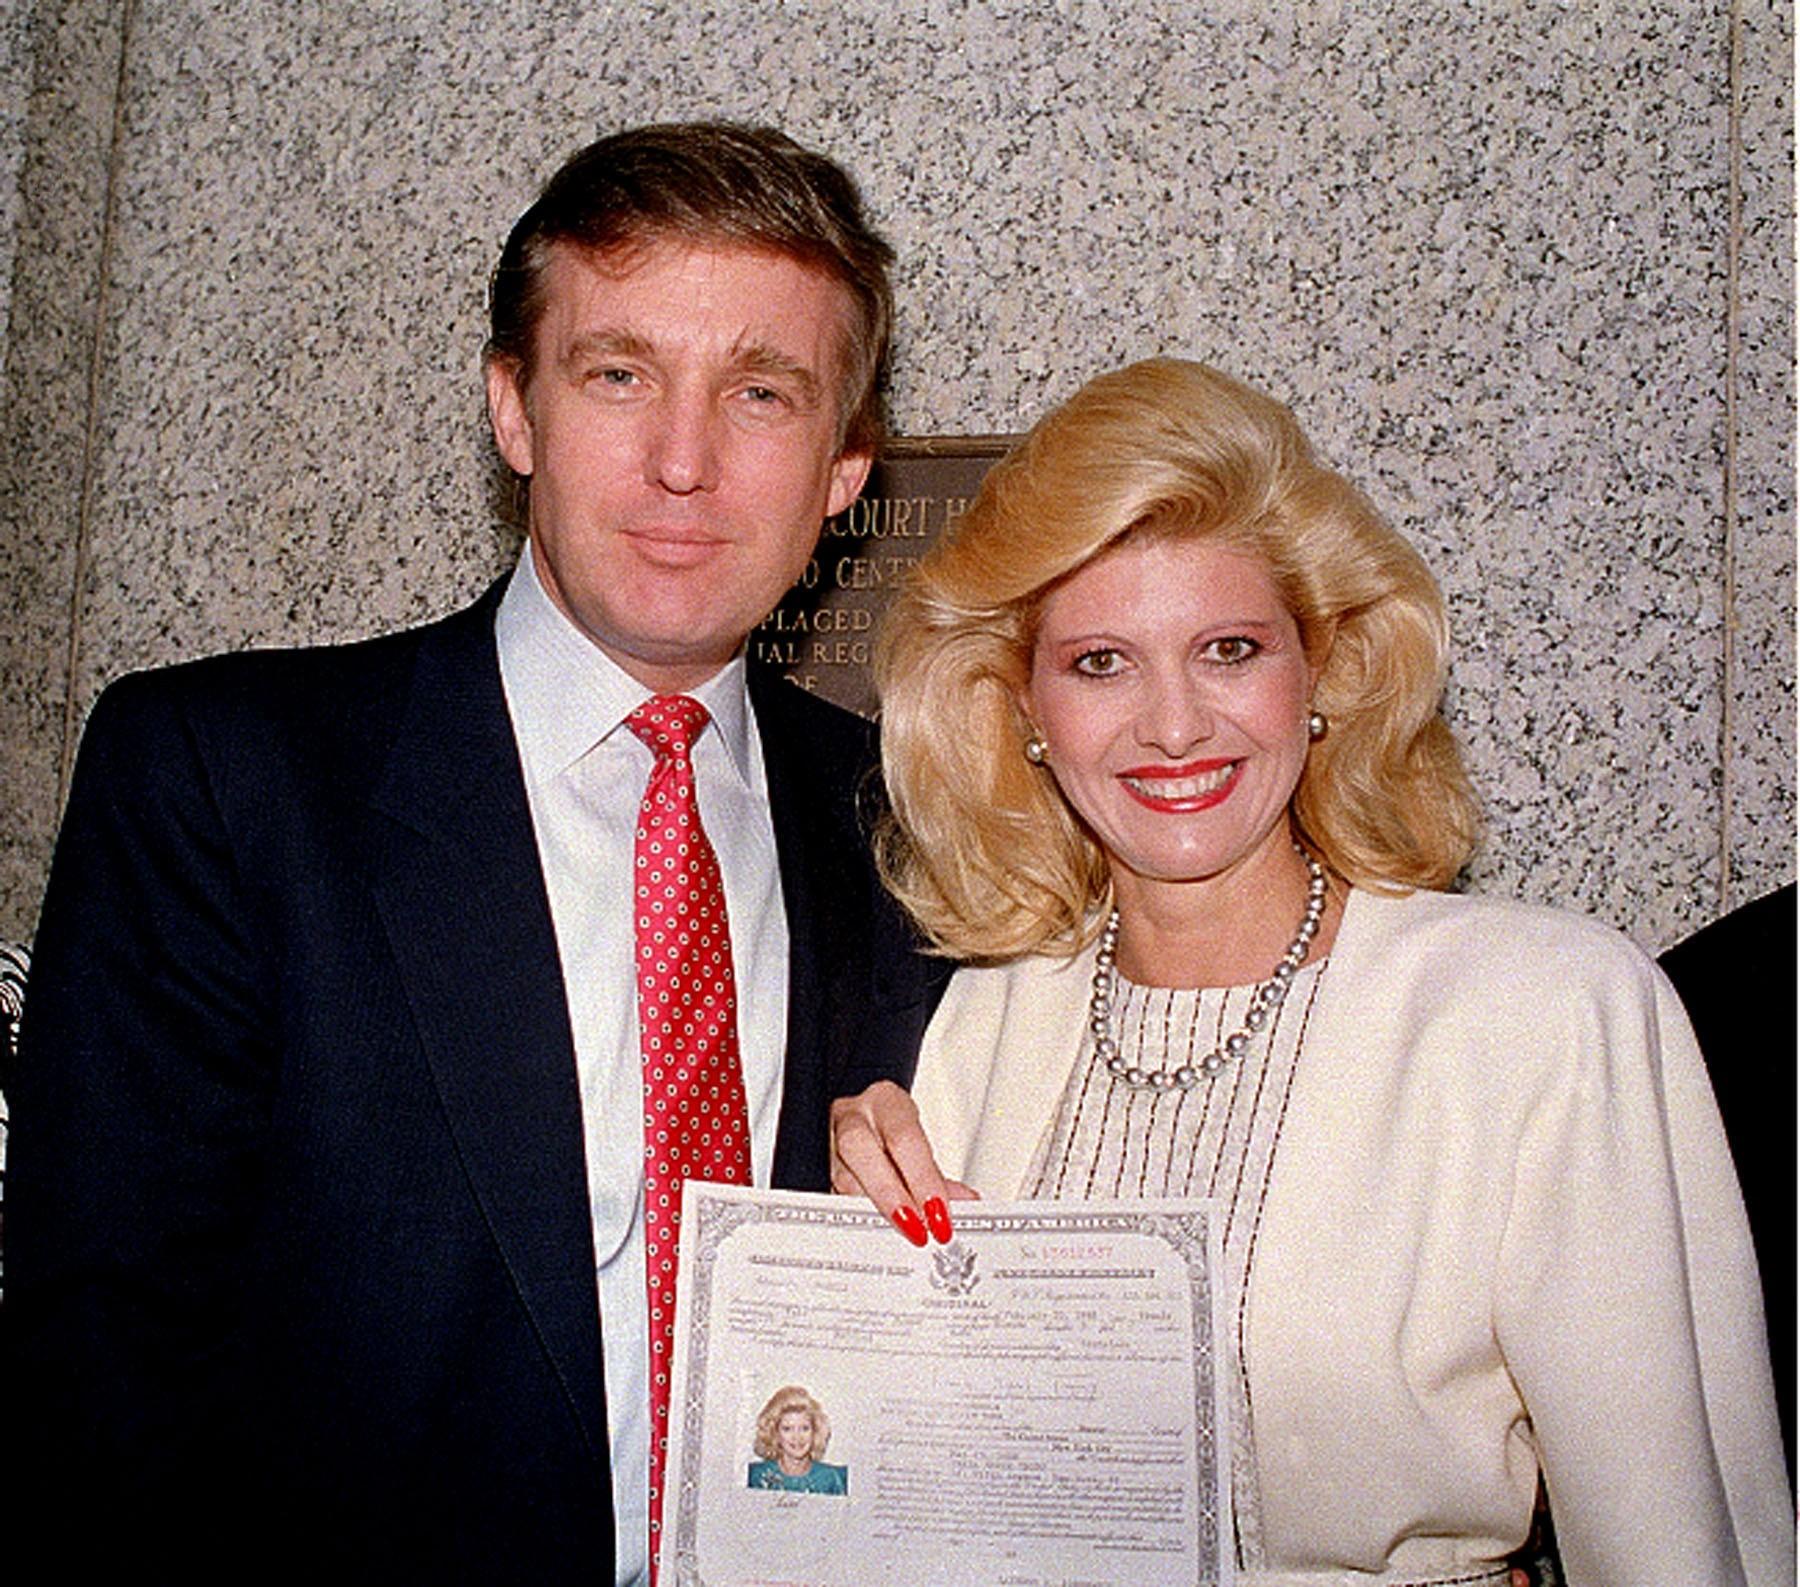 Donald Trump e sua primeira mulher, Ivana, no dia em que adquiriu cidadania americana, em 1988 (Foto: AP)